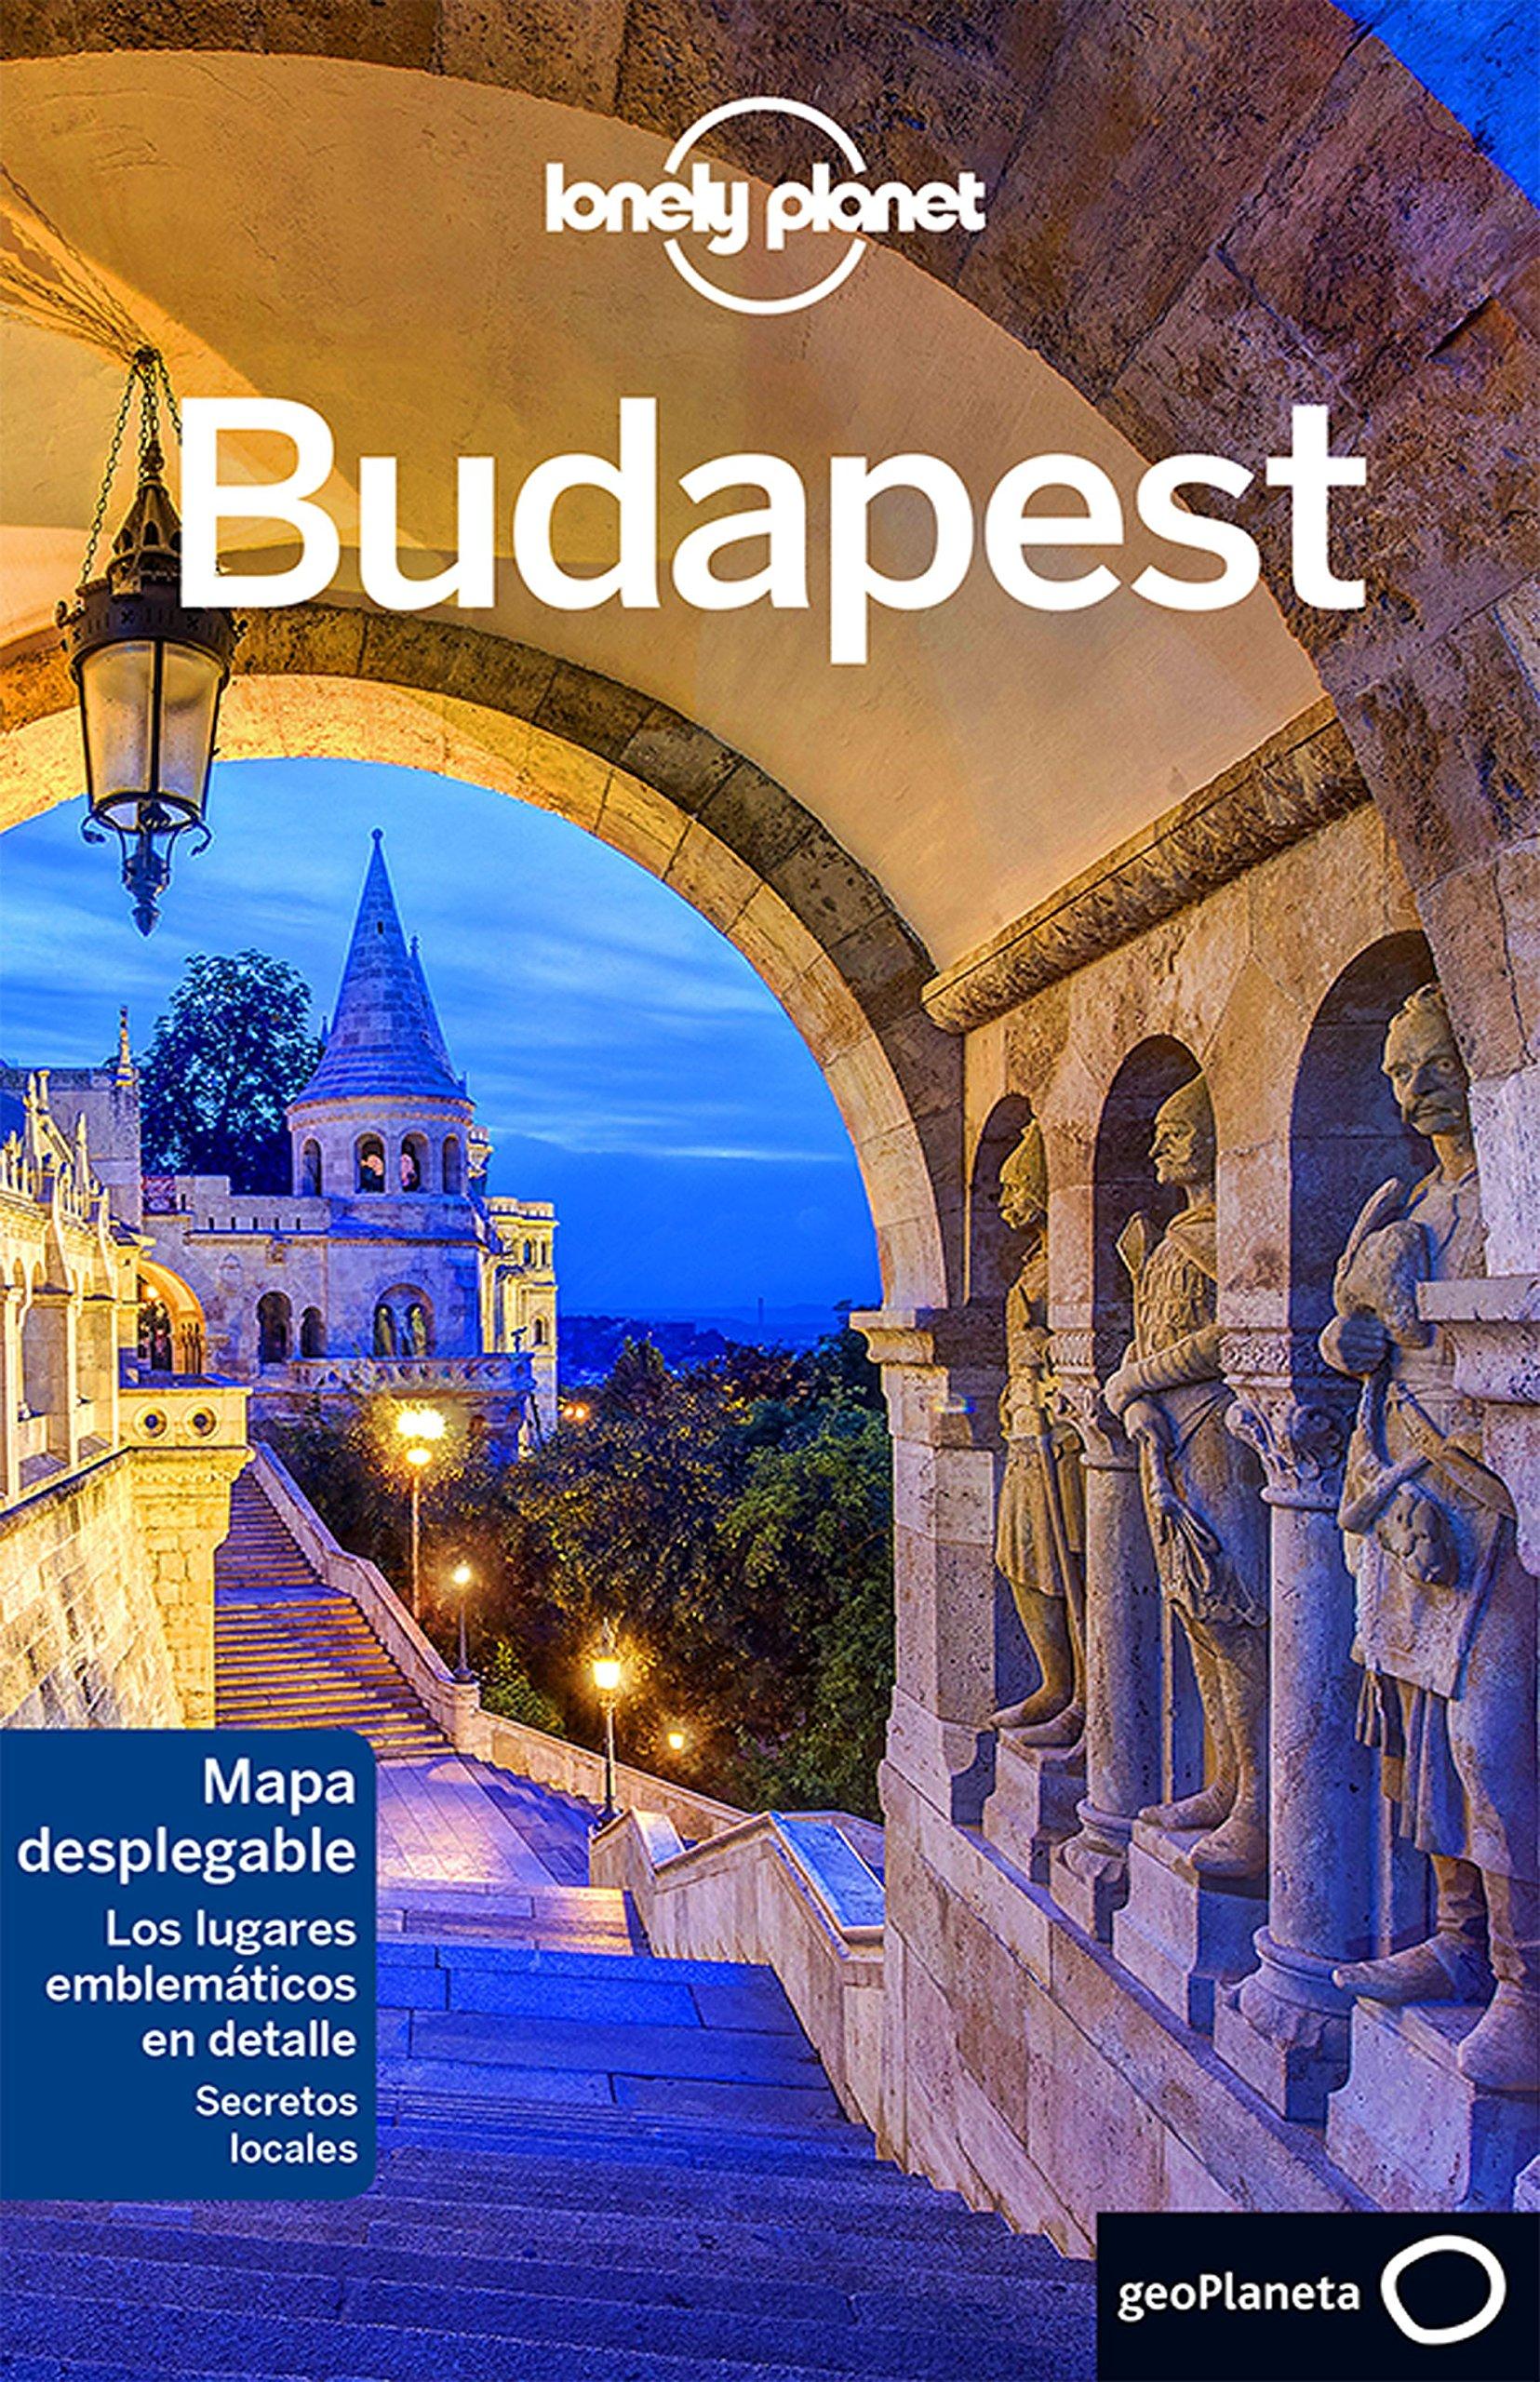 Budapest 5: 1 Guías de Ciudad Lonely Planet Idioma Inglés: Amazon.es: Fallon, Steve, Schafer, Sally, Rizzo Tortuero, Jorge, Gras Cardona, Ton: Libros